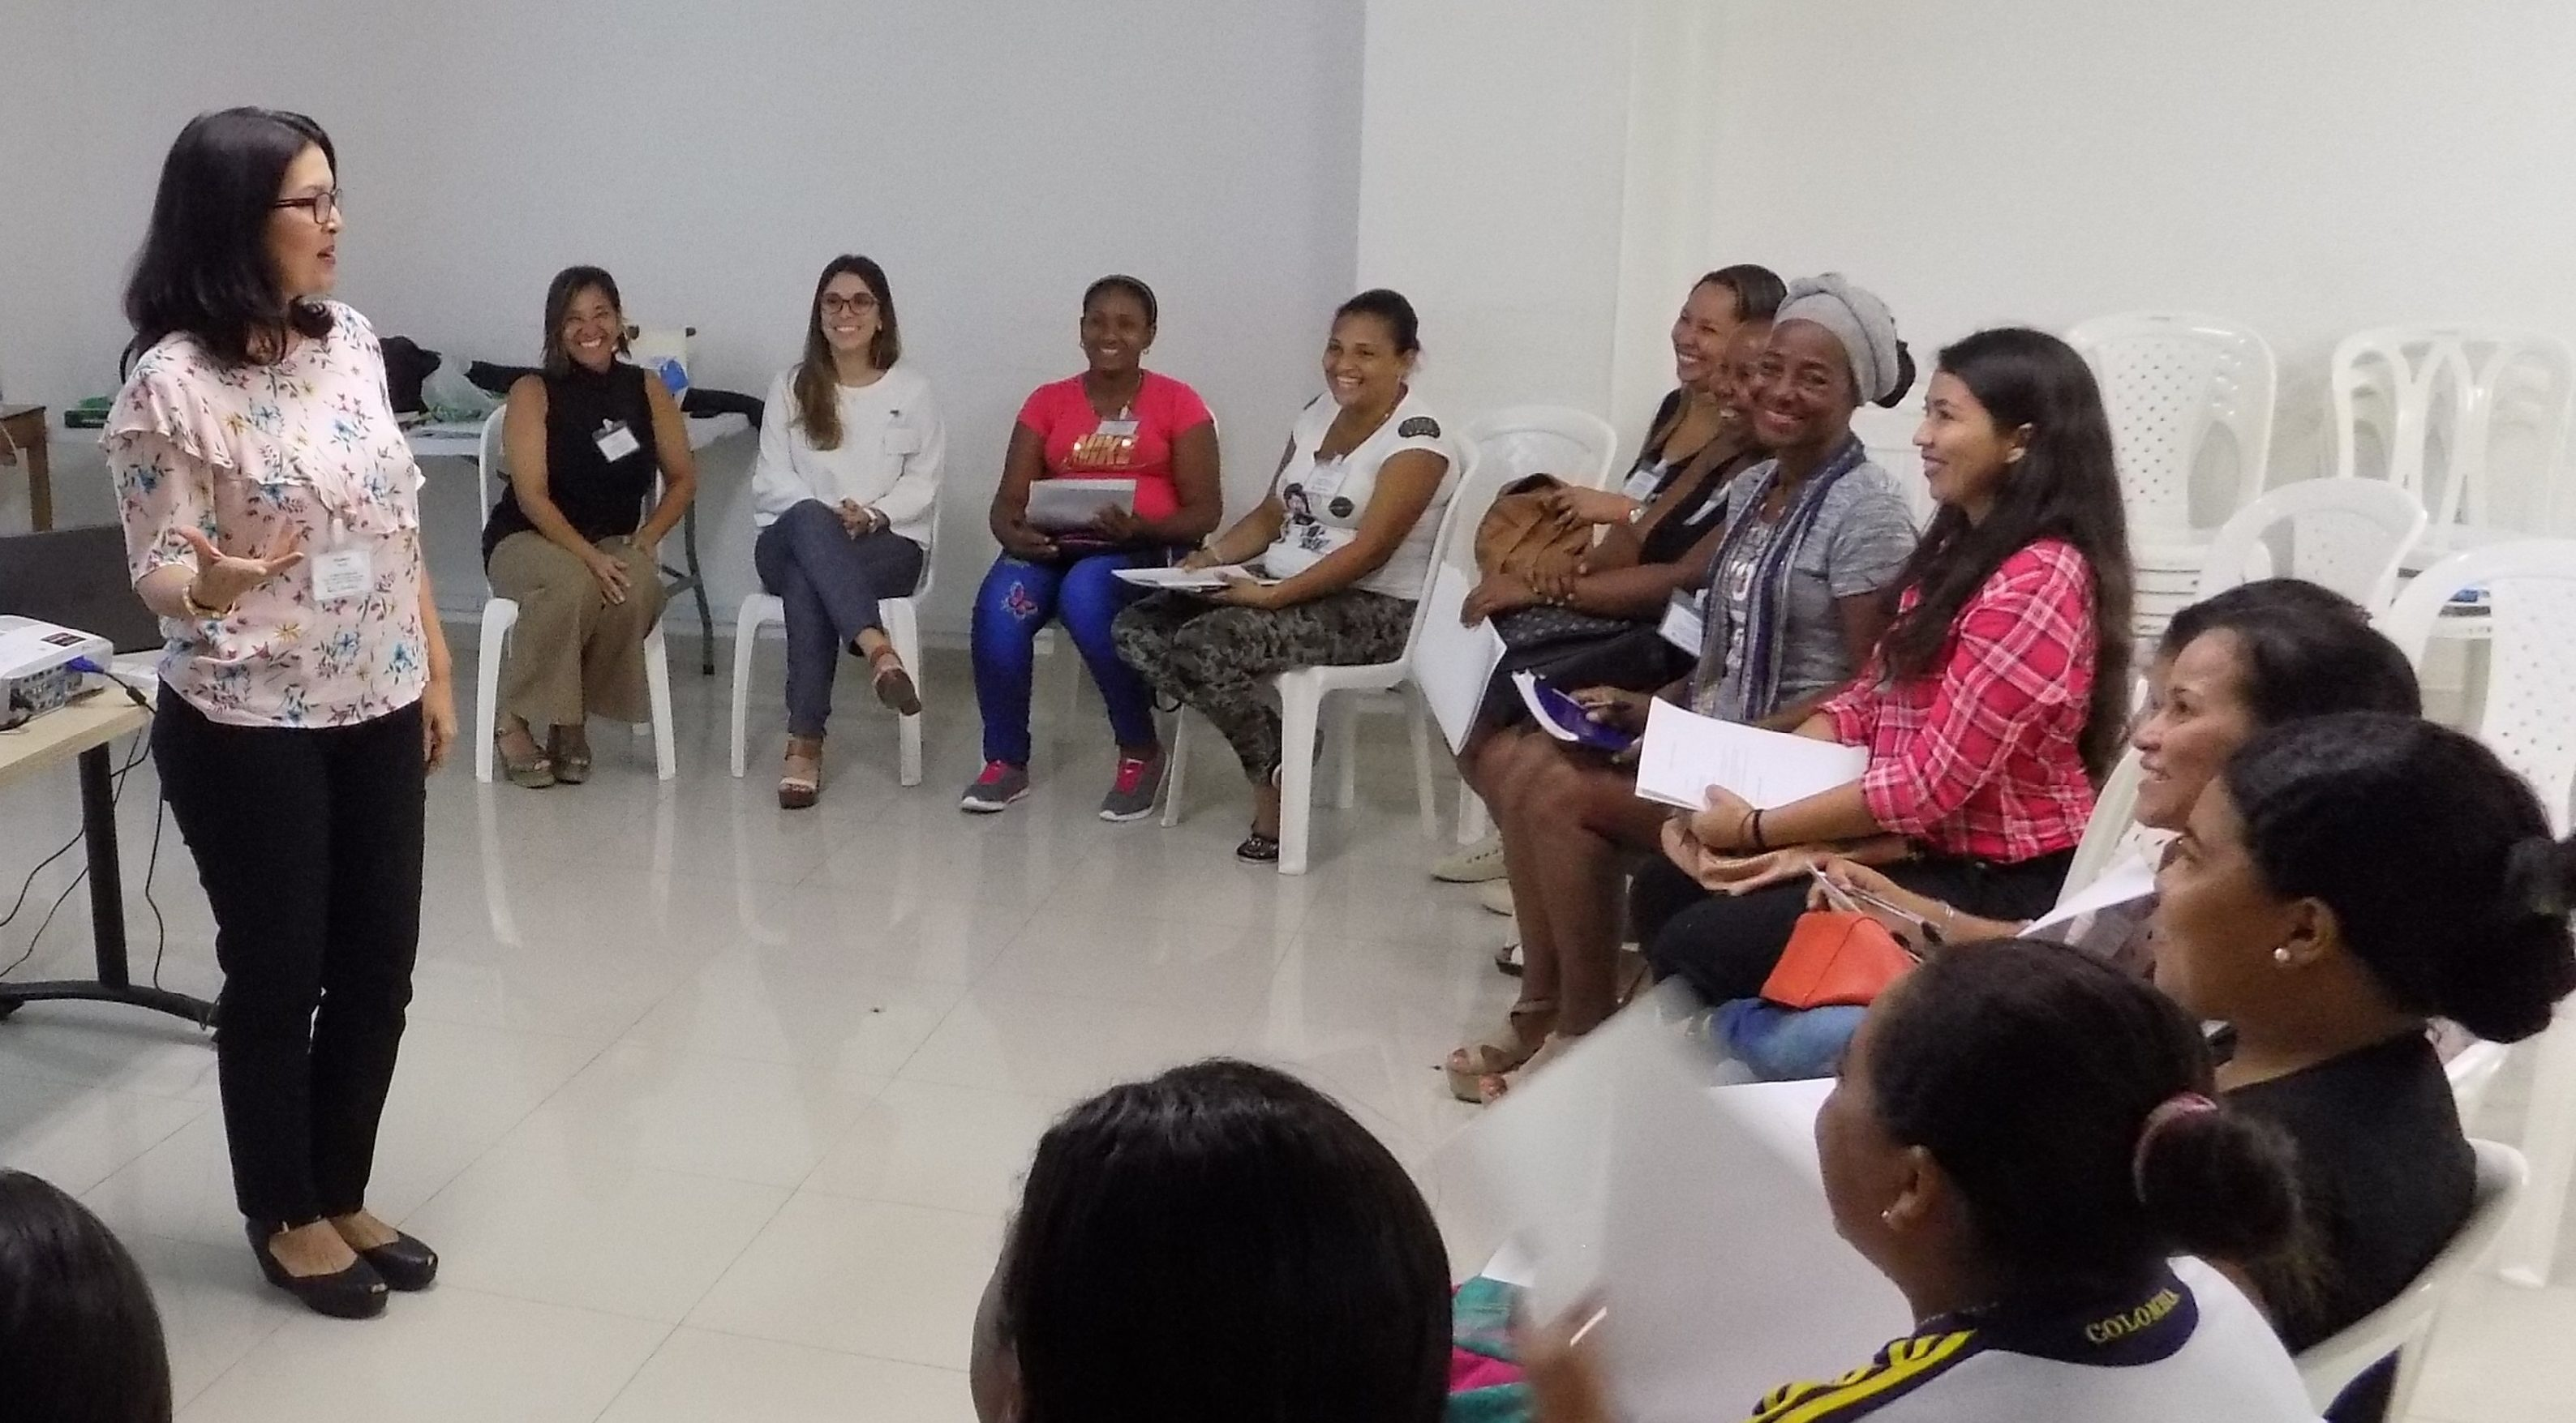 Jornadas de sensibilización Oficina de la Mujer, Equidad y Género Barranquilla